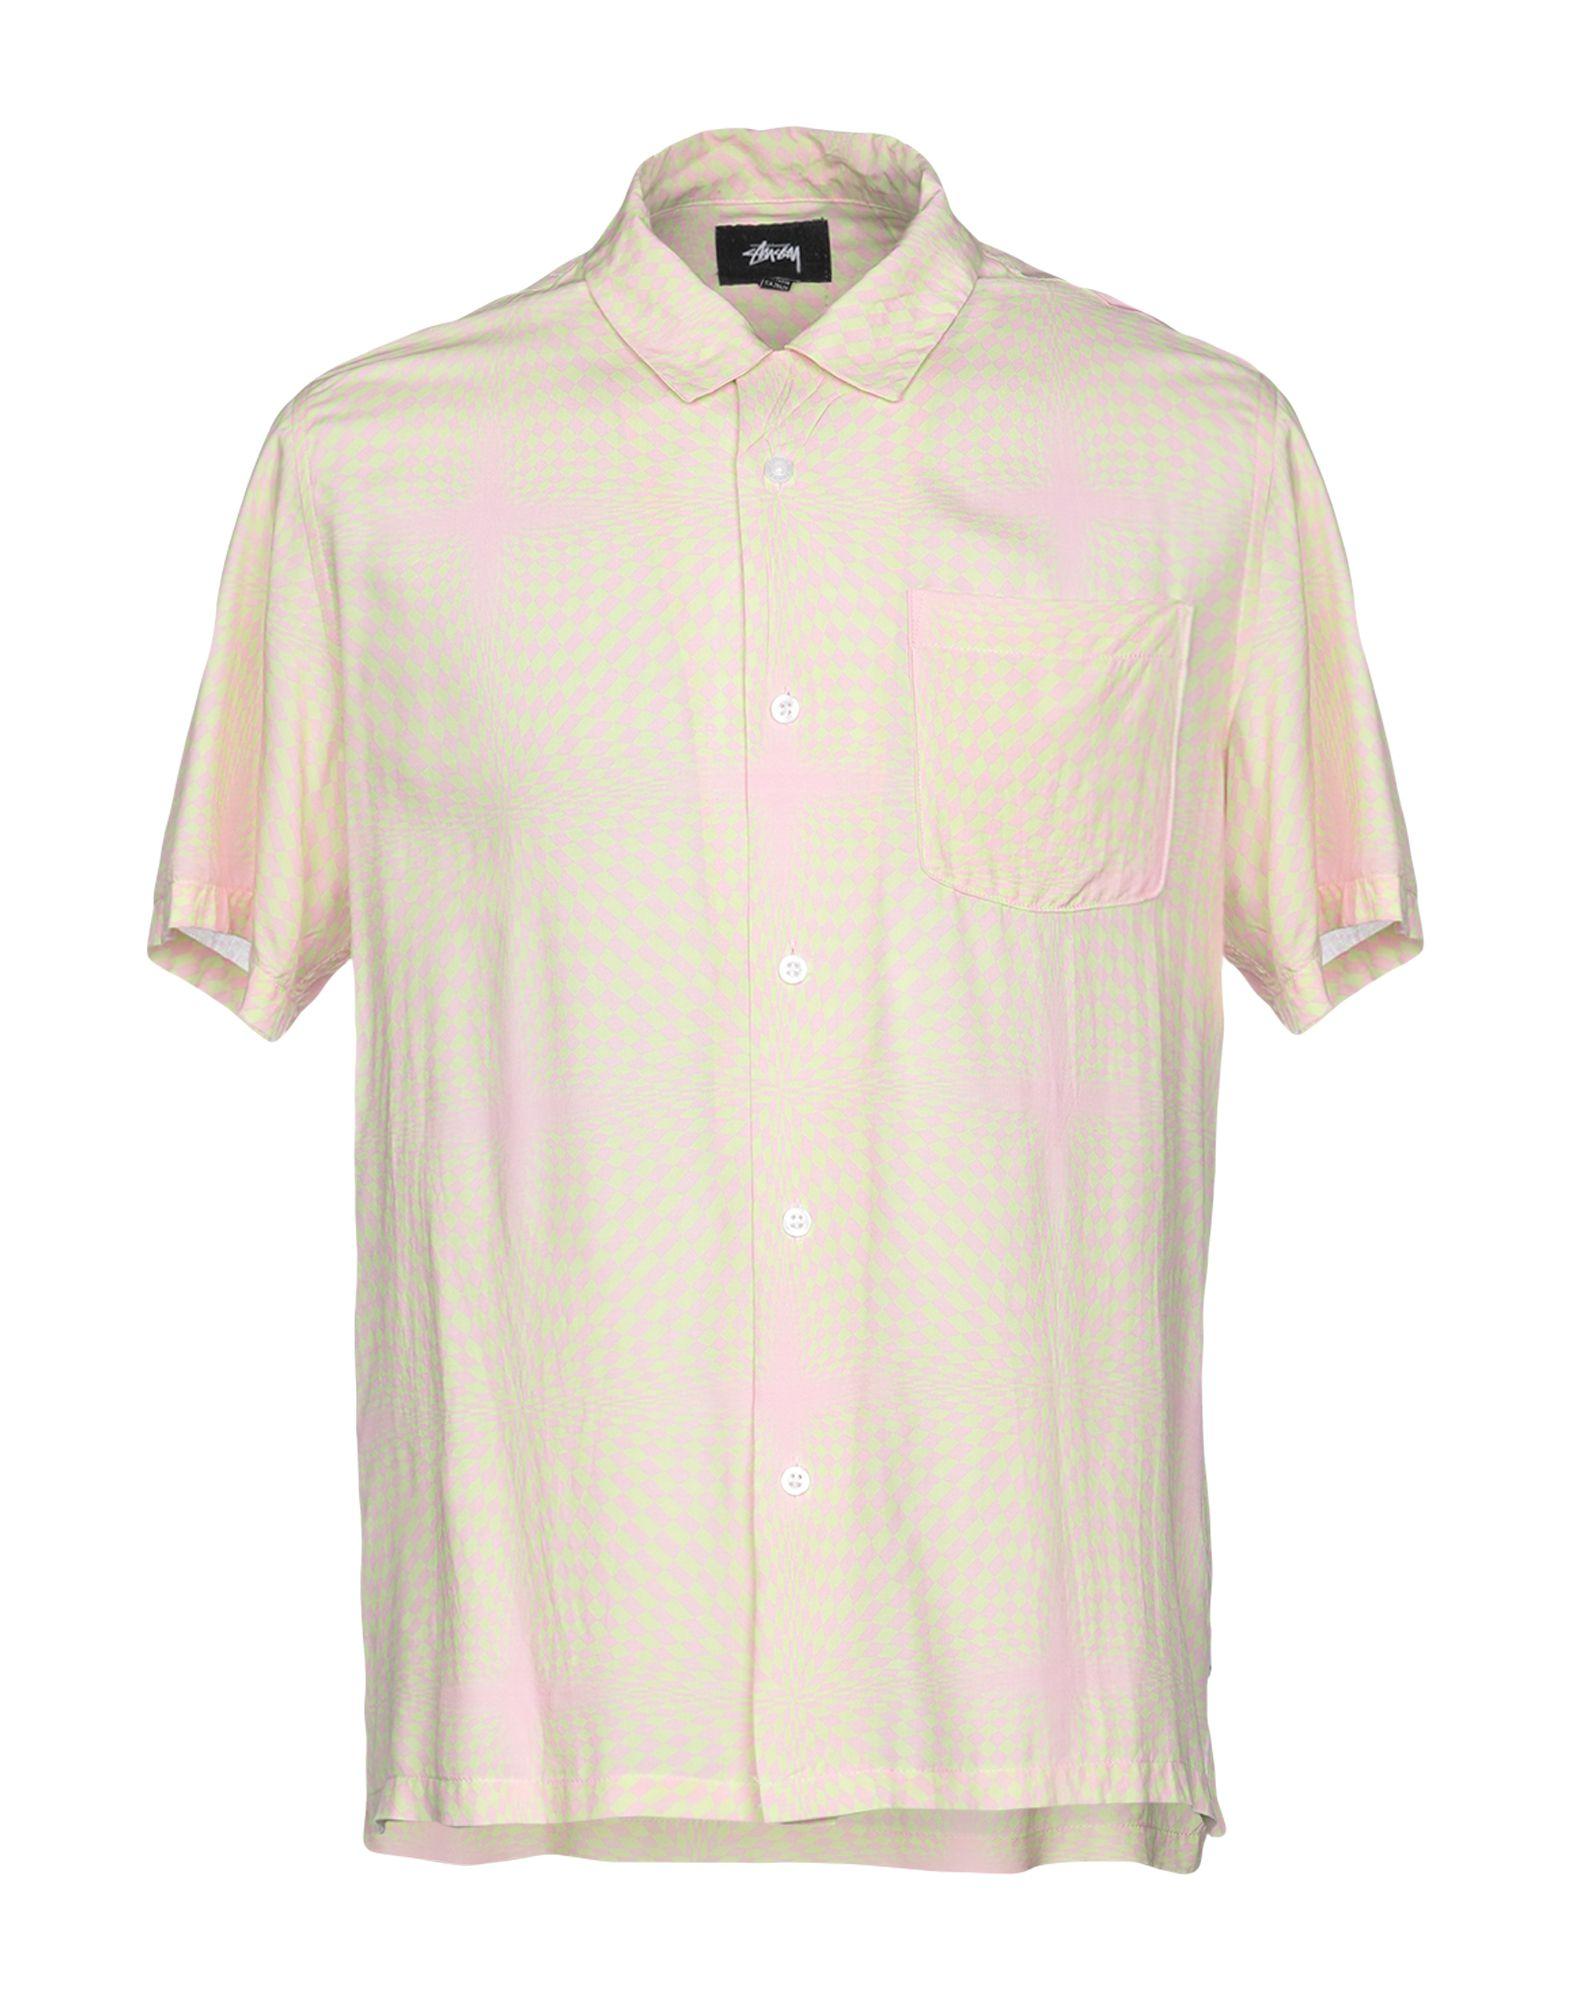 《送料無料》STUSSY メンズ シャツ ピンク S コットン 100%